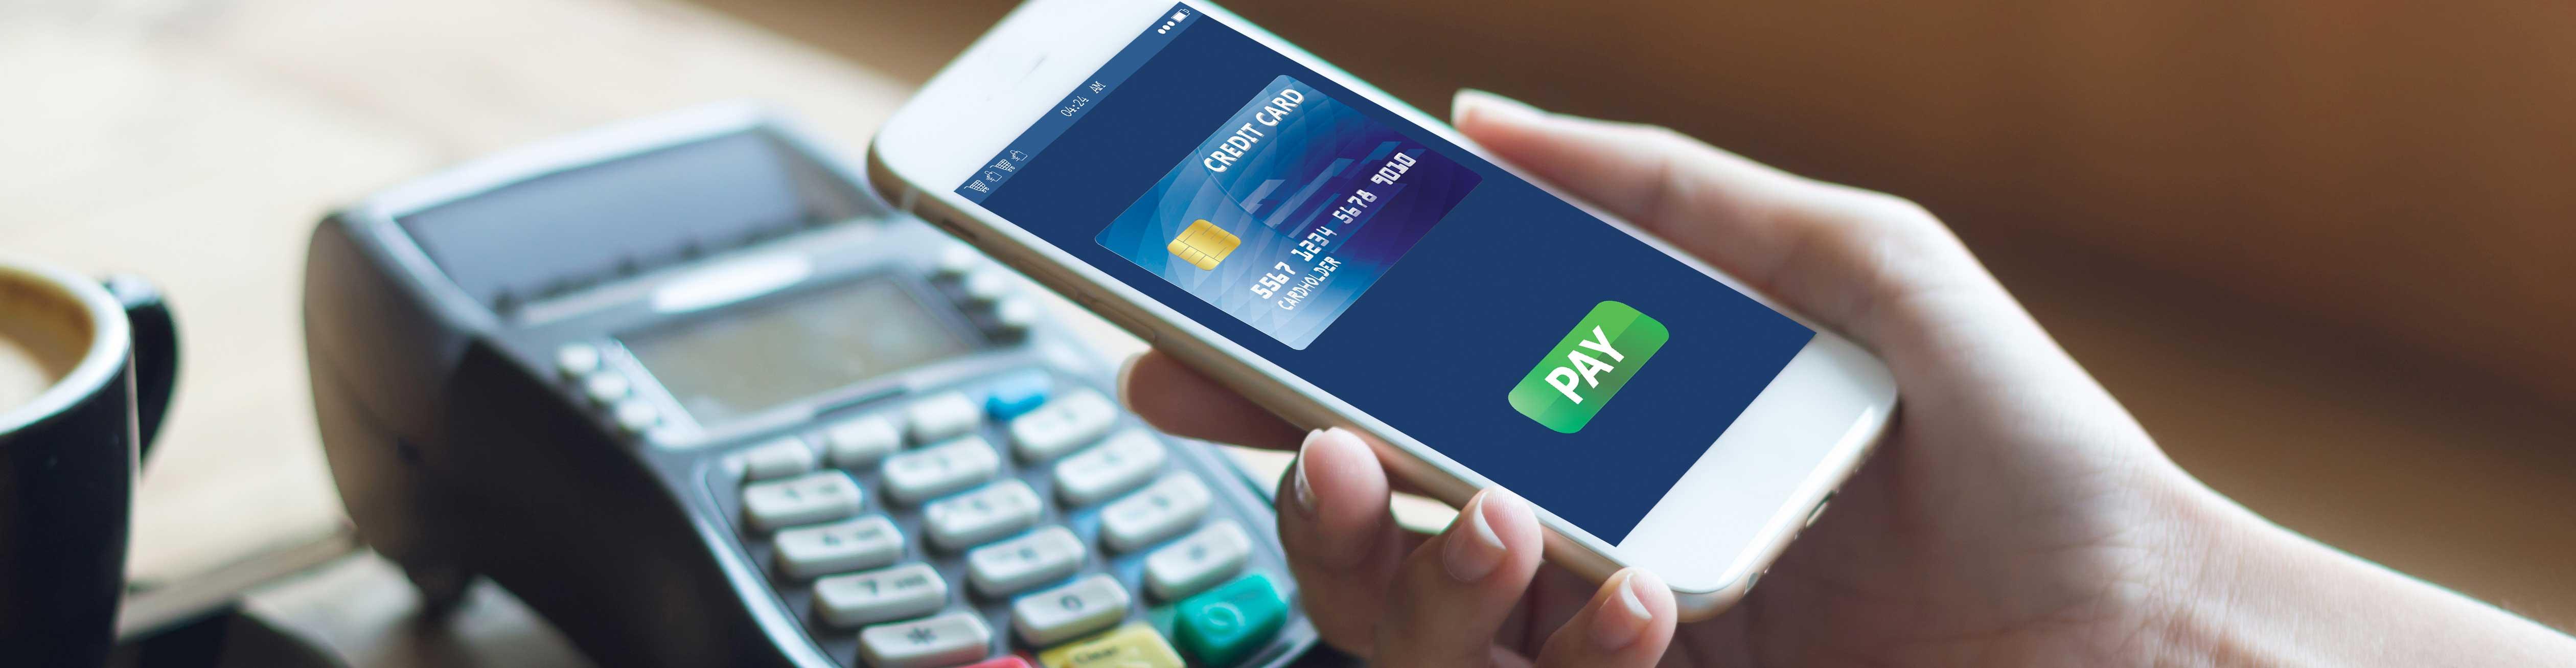 Le futur des moyens de paiement